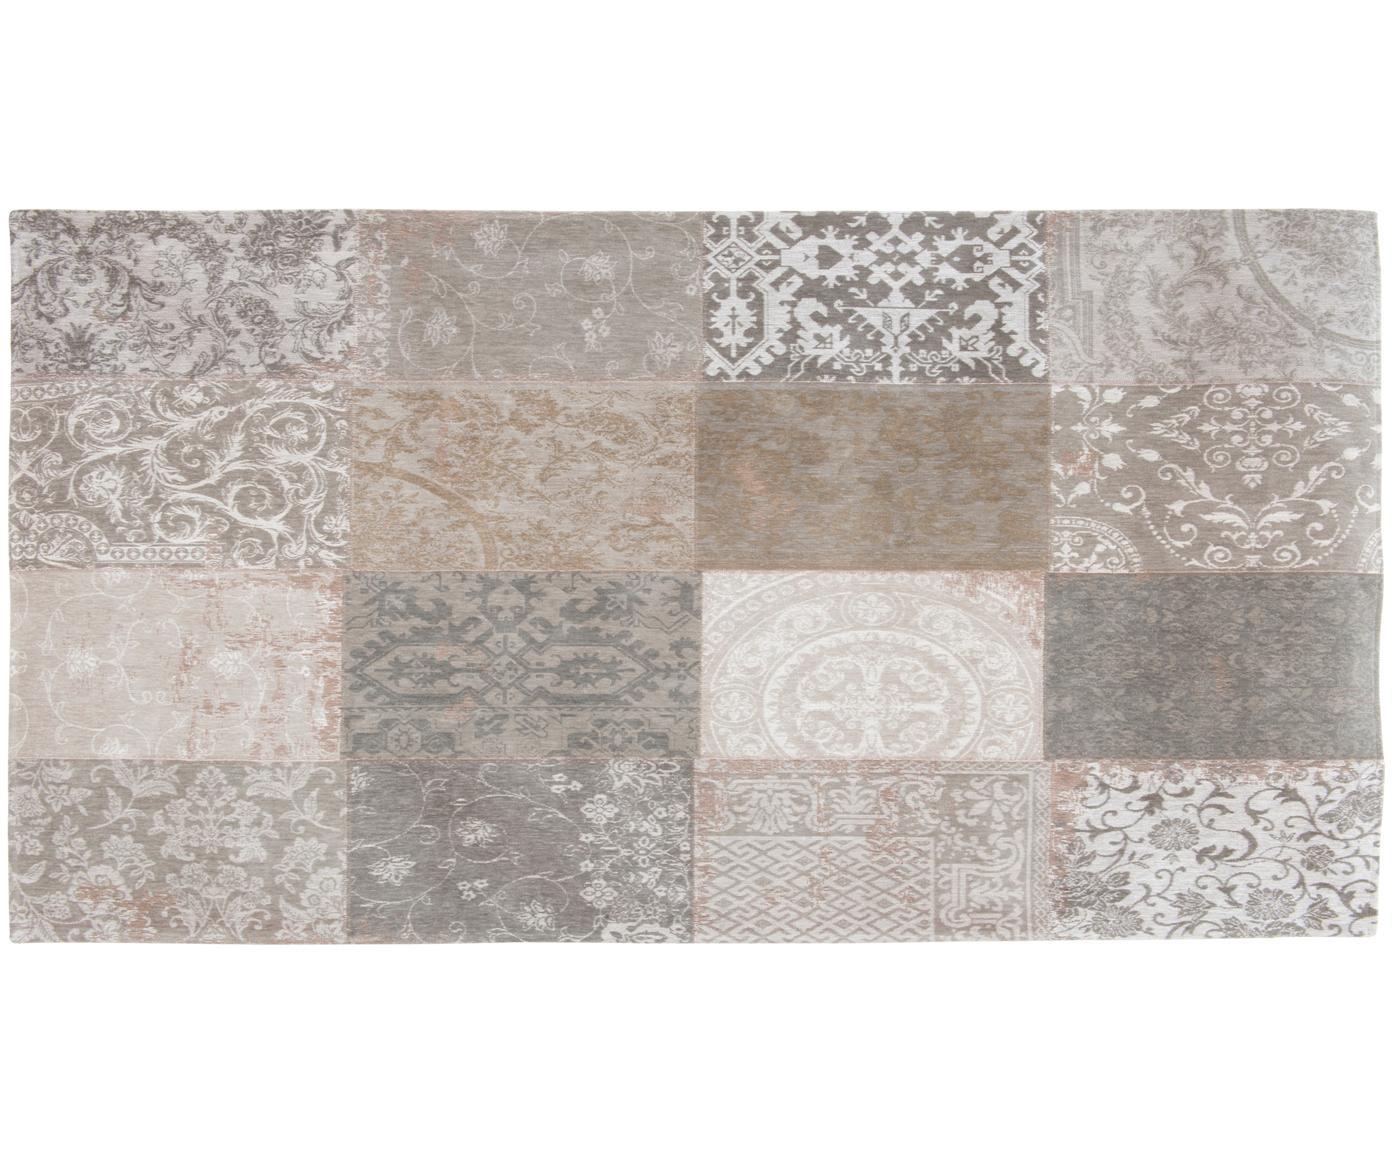 Tappeto con disegno patchwork Multi, Retro: Miscela di cotone, rivest, Beige, grigio, Larg. 80 x Lung. 150 cm (taglia XS)